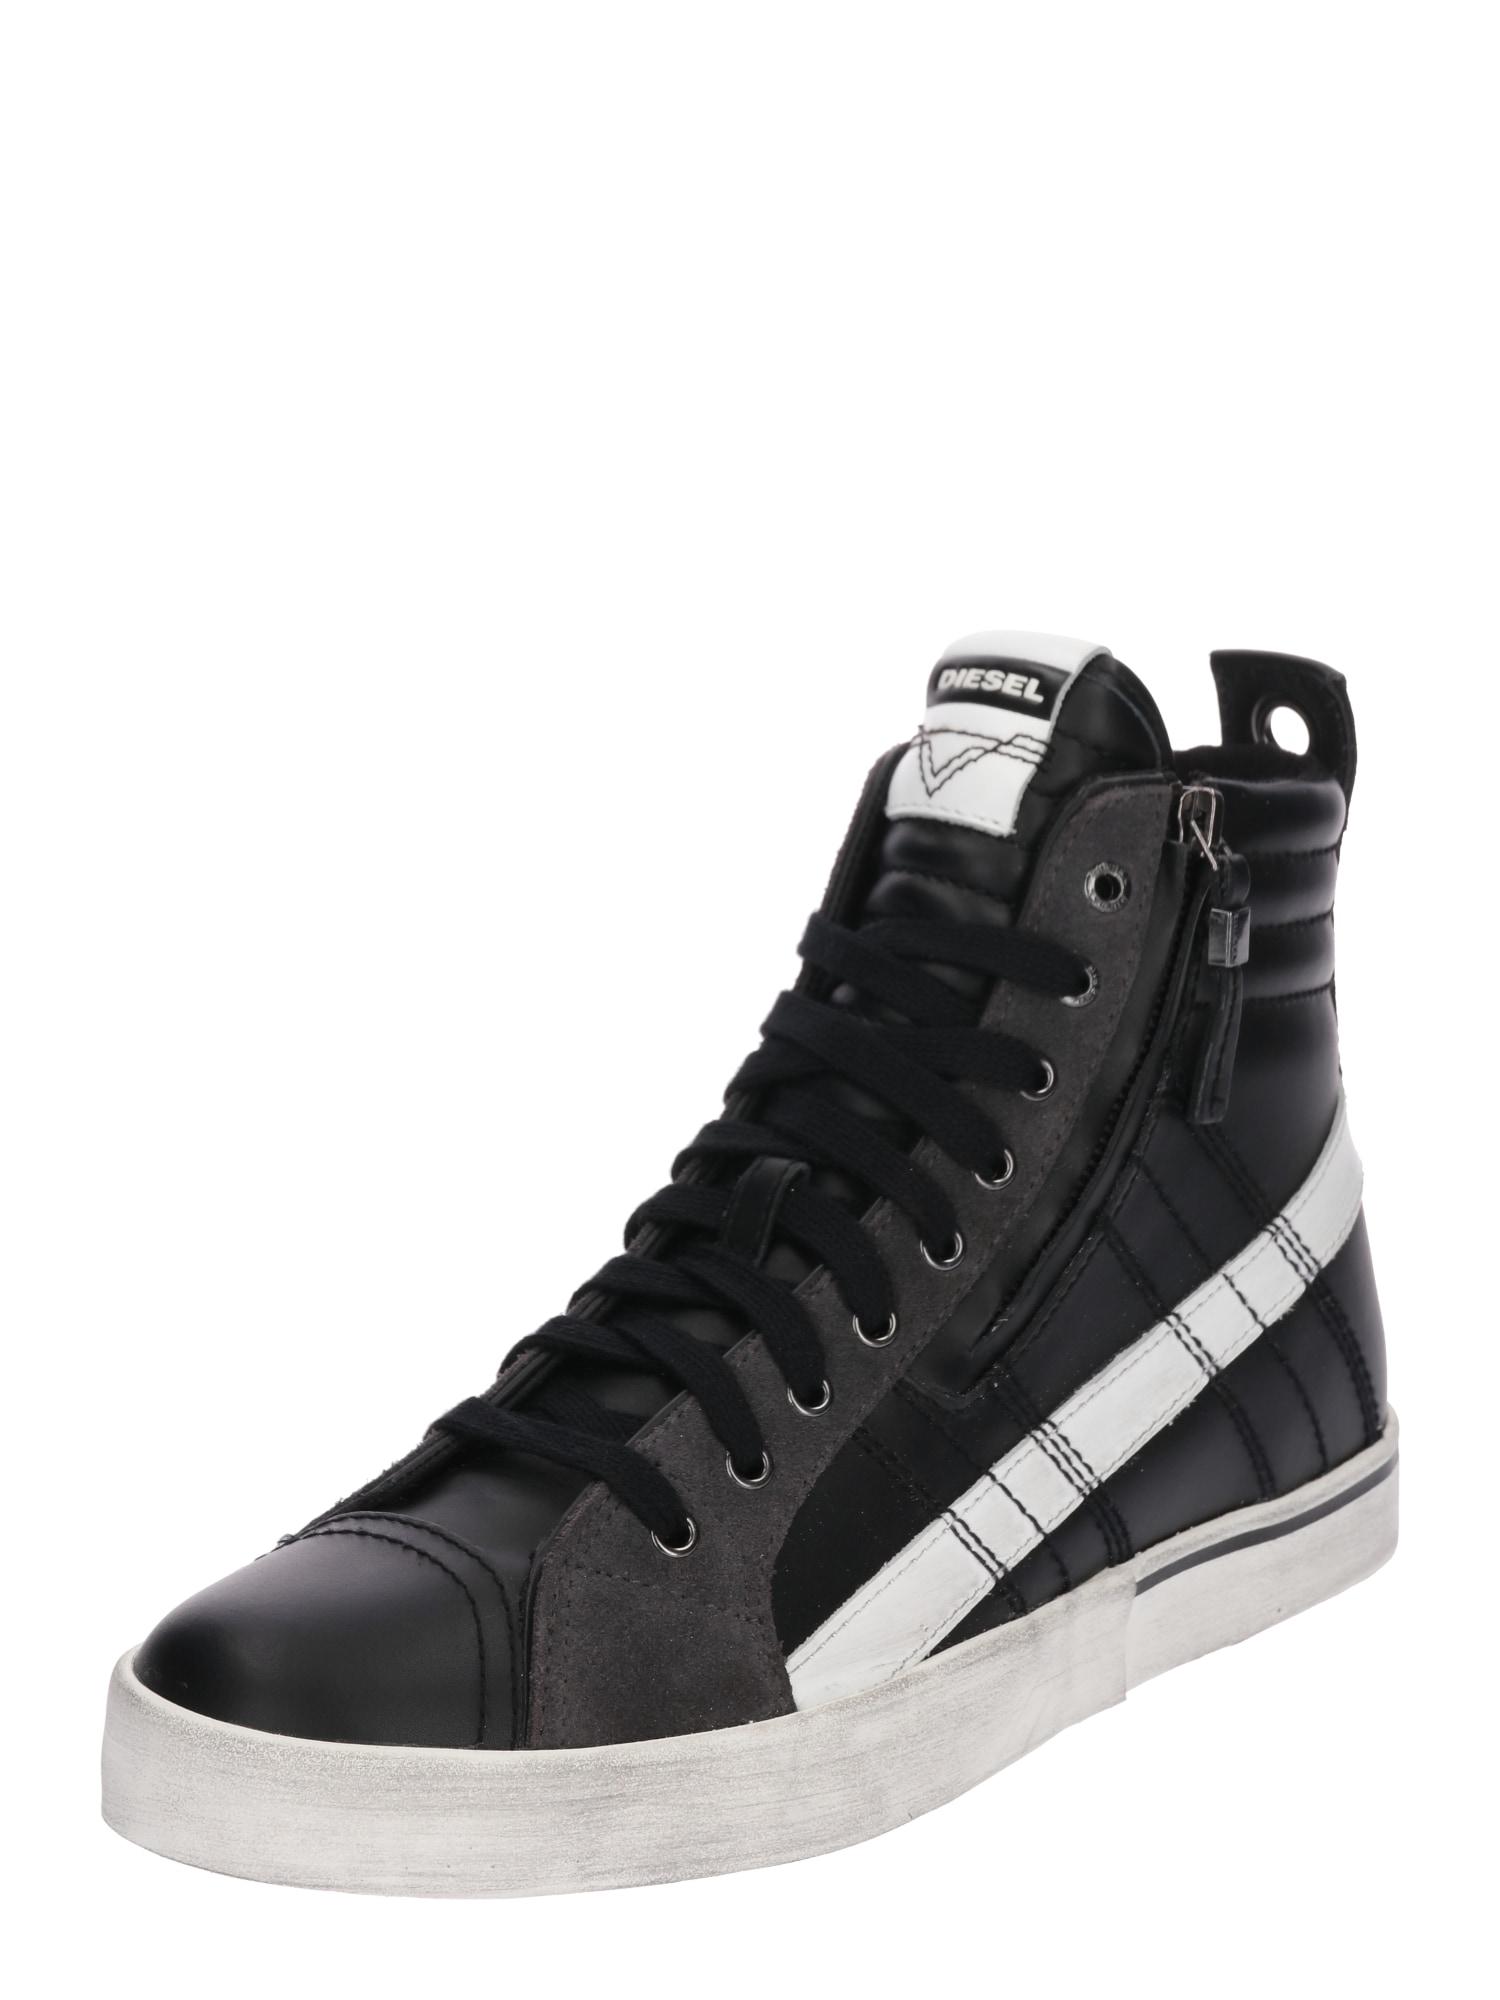 DIESEL Heren Sneakers hoog D-VELOWS zwart wit